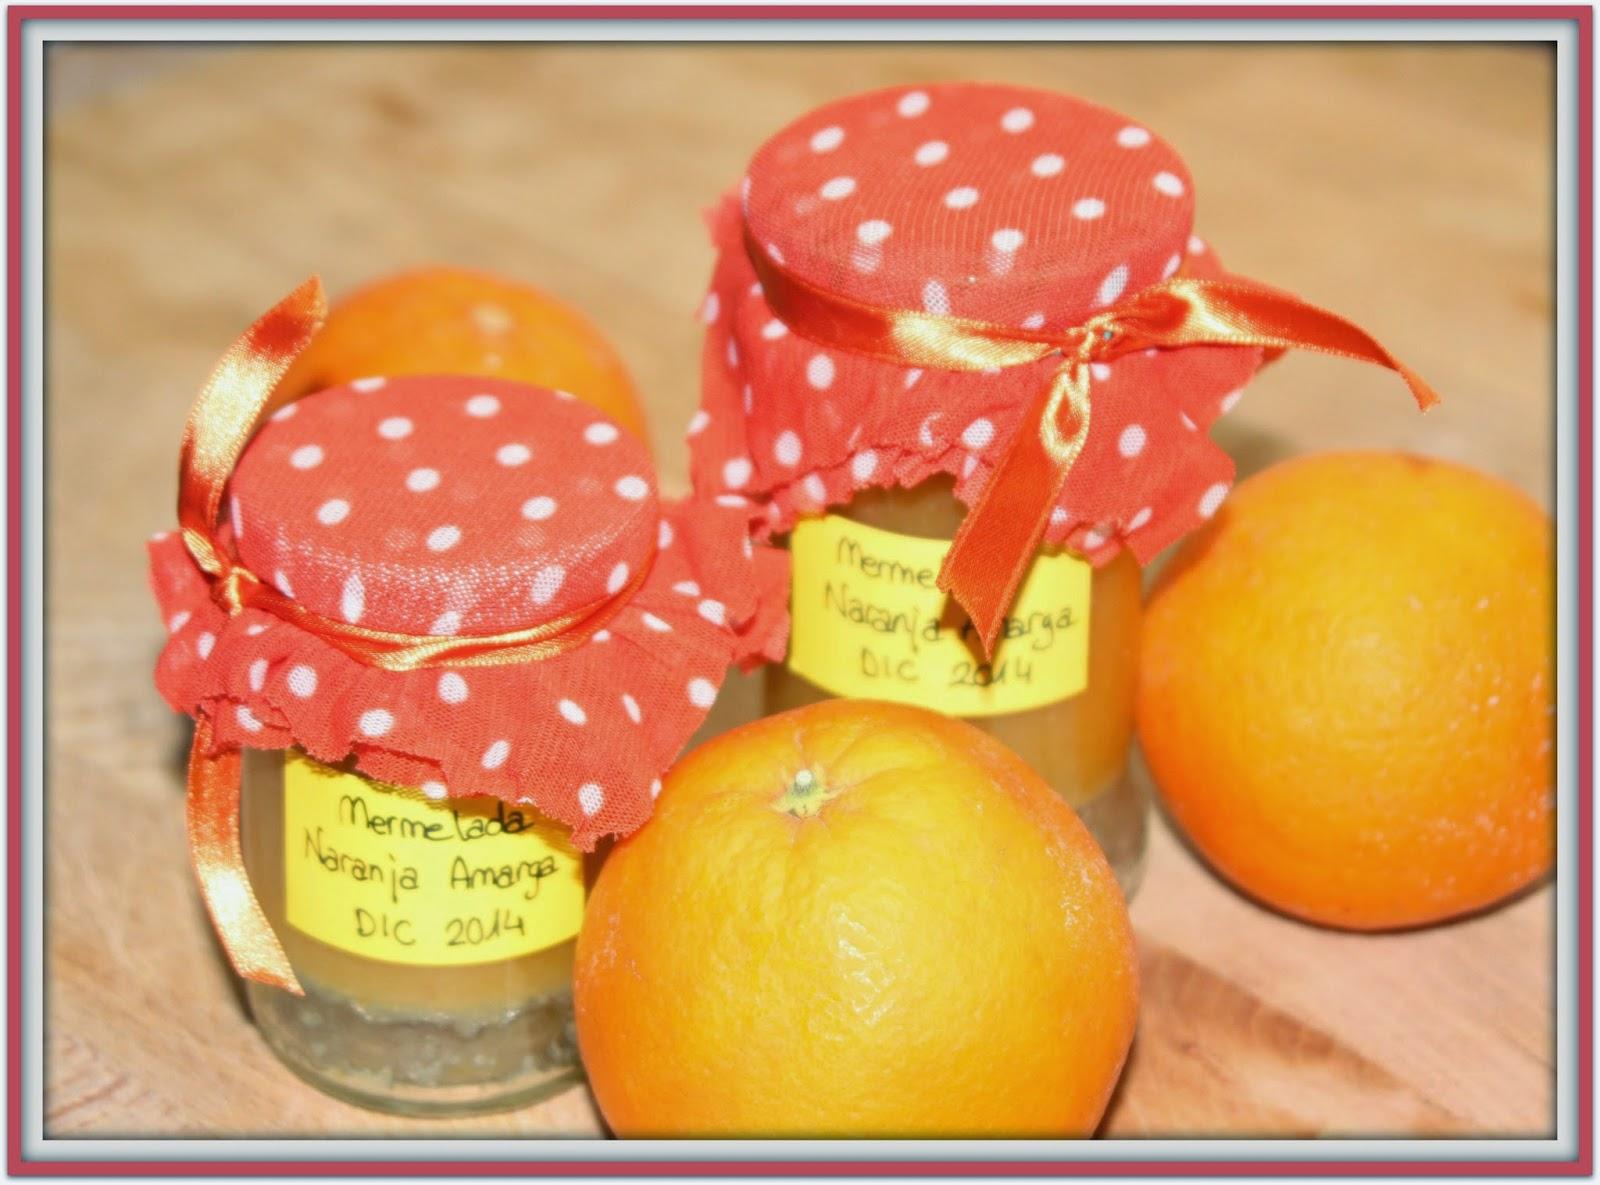 Sandunga complementos cocina mermelada de naranja amarga for Complementos cocina